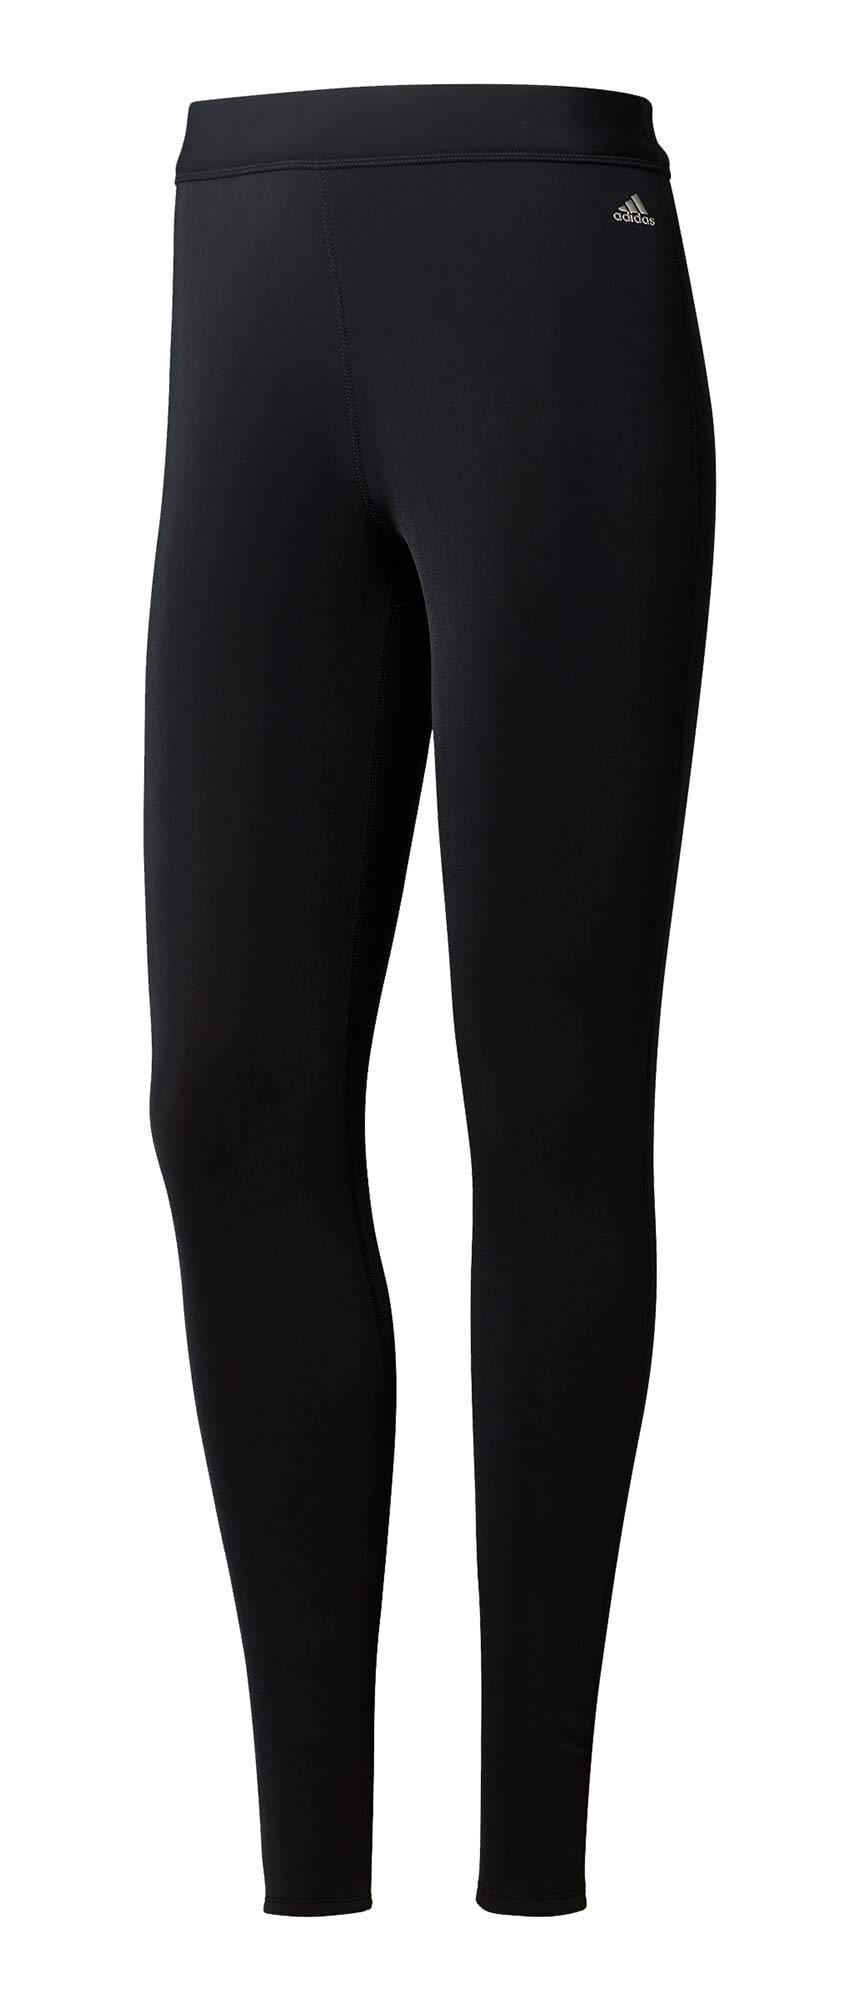 adidas Golf Women's Climawarm Legging, Black, Small by adidas